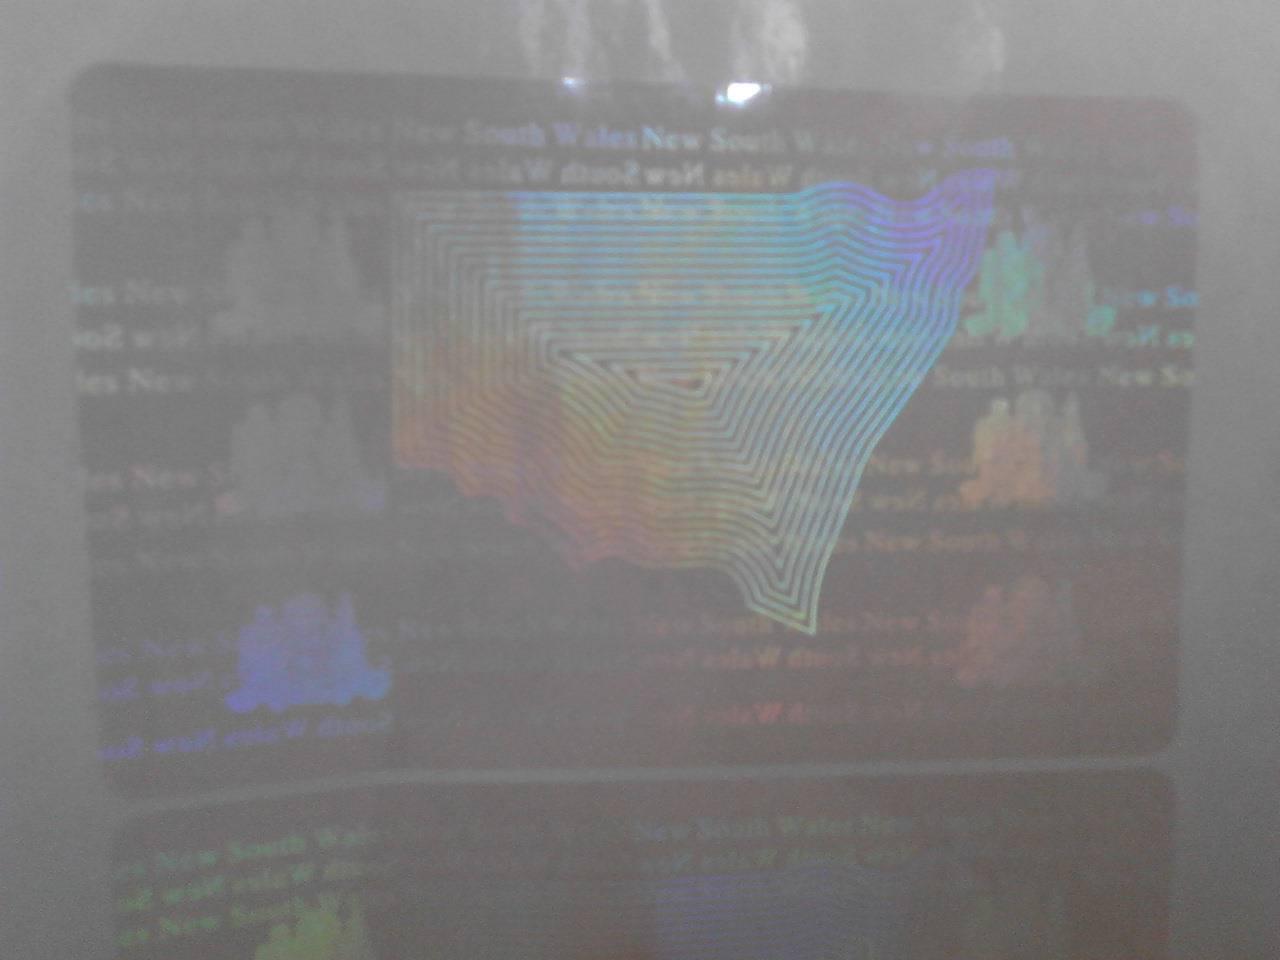 Kangaroo logo hlogram overlay film for cards